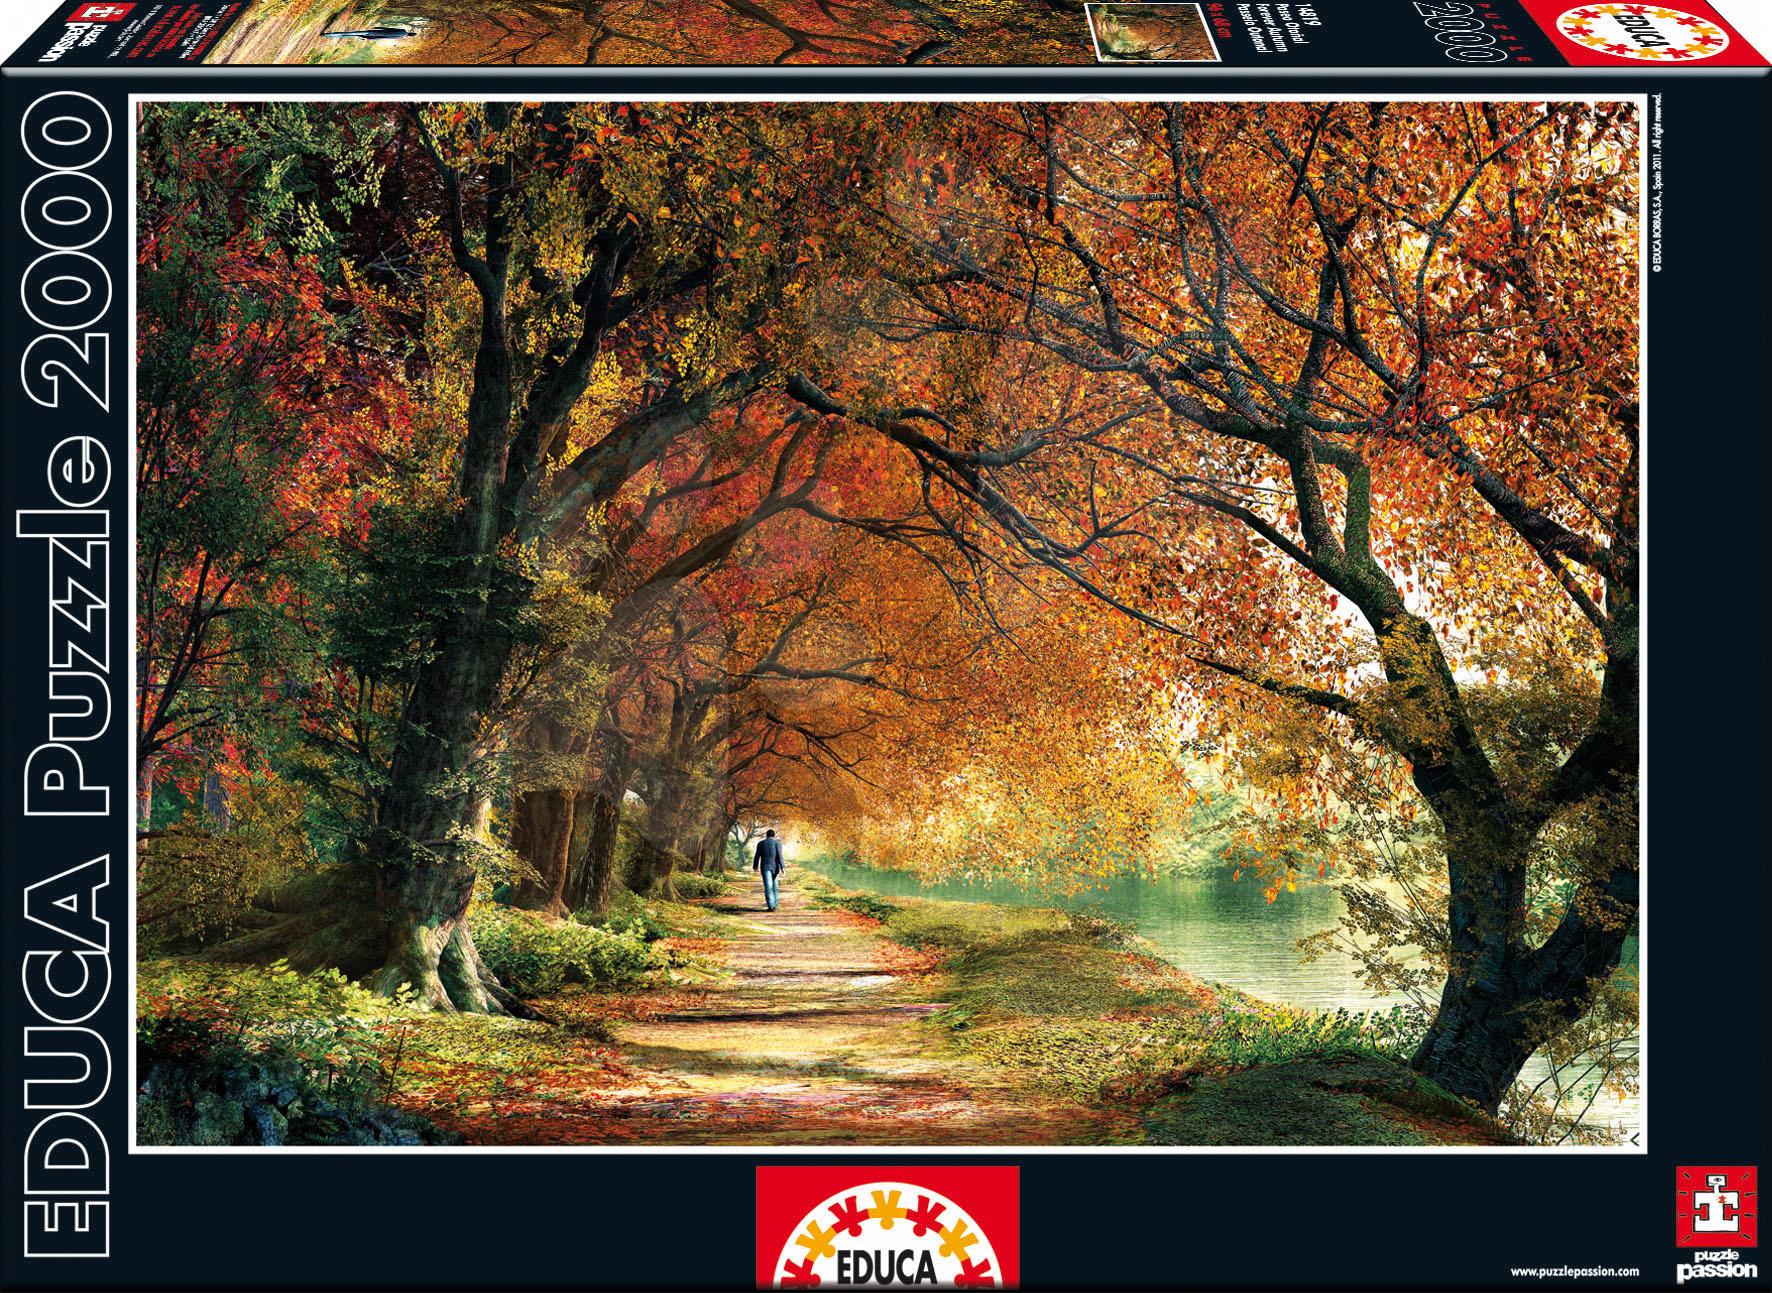 2000 delne puzzle - Educa 14819 PUZZLE 2000 delov Forever Autumn 96 x 68 cm + FIX PUZZLE LEPILO